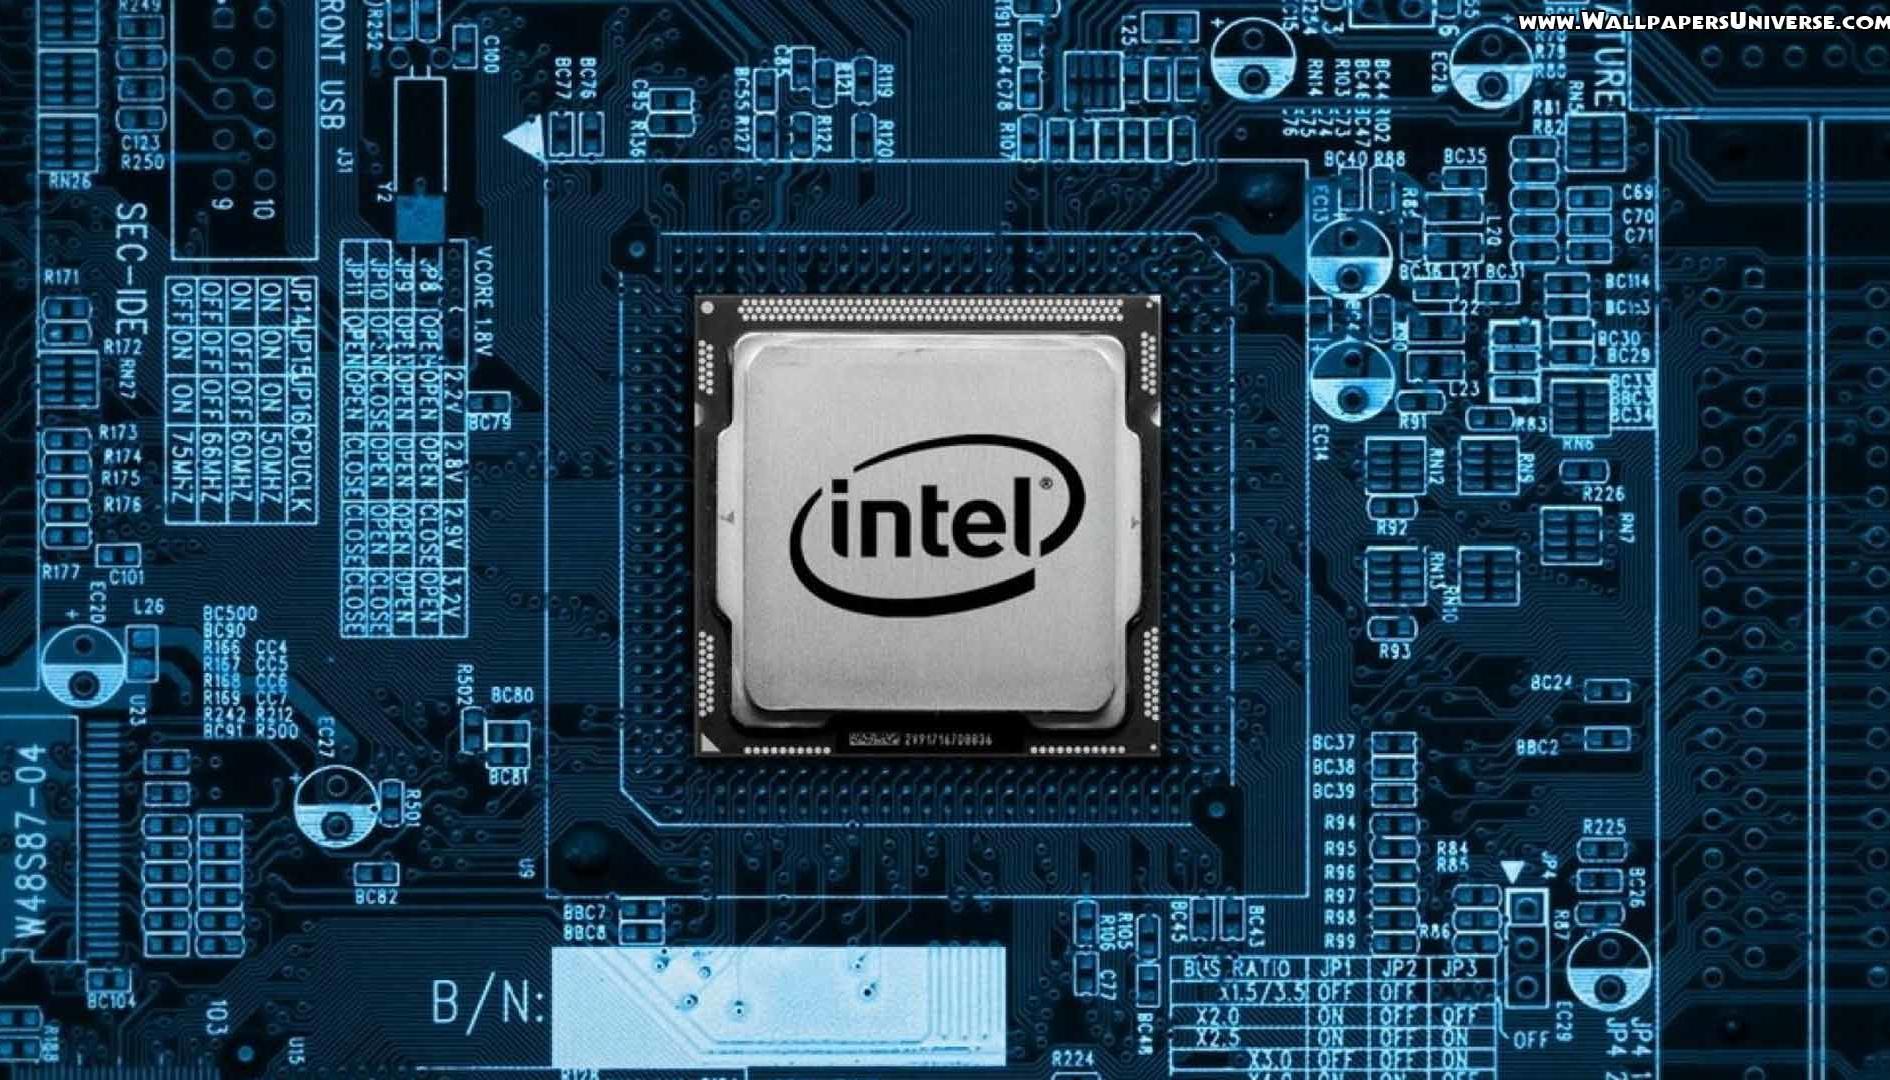 Intel, addio alla garanzia per gli overclocker